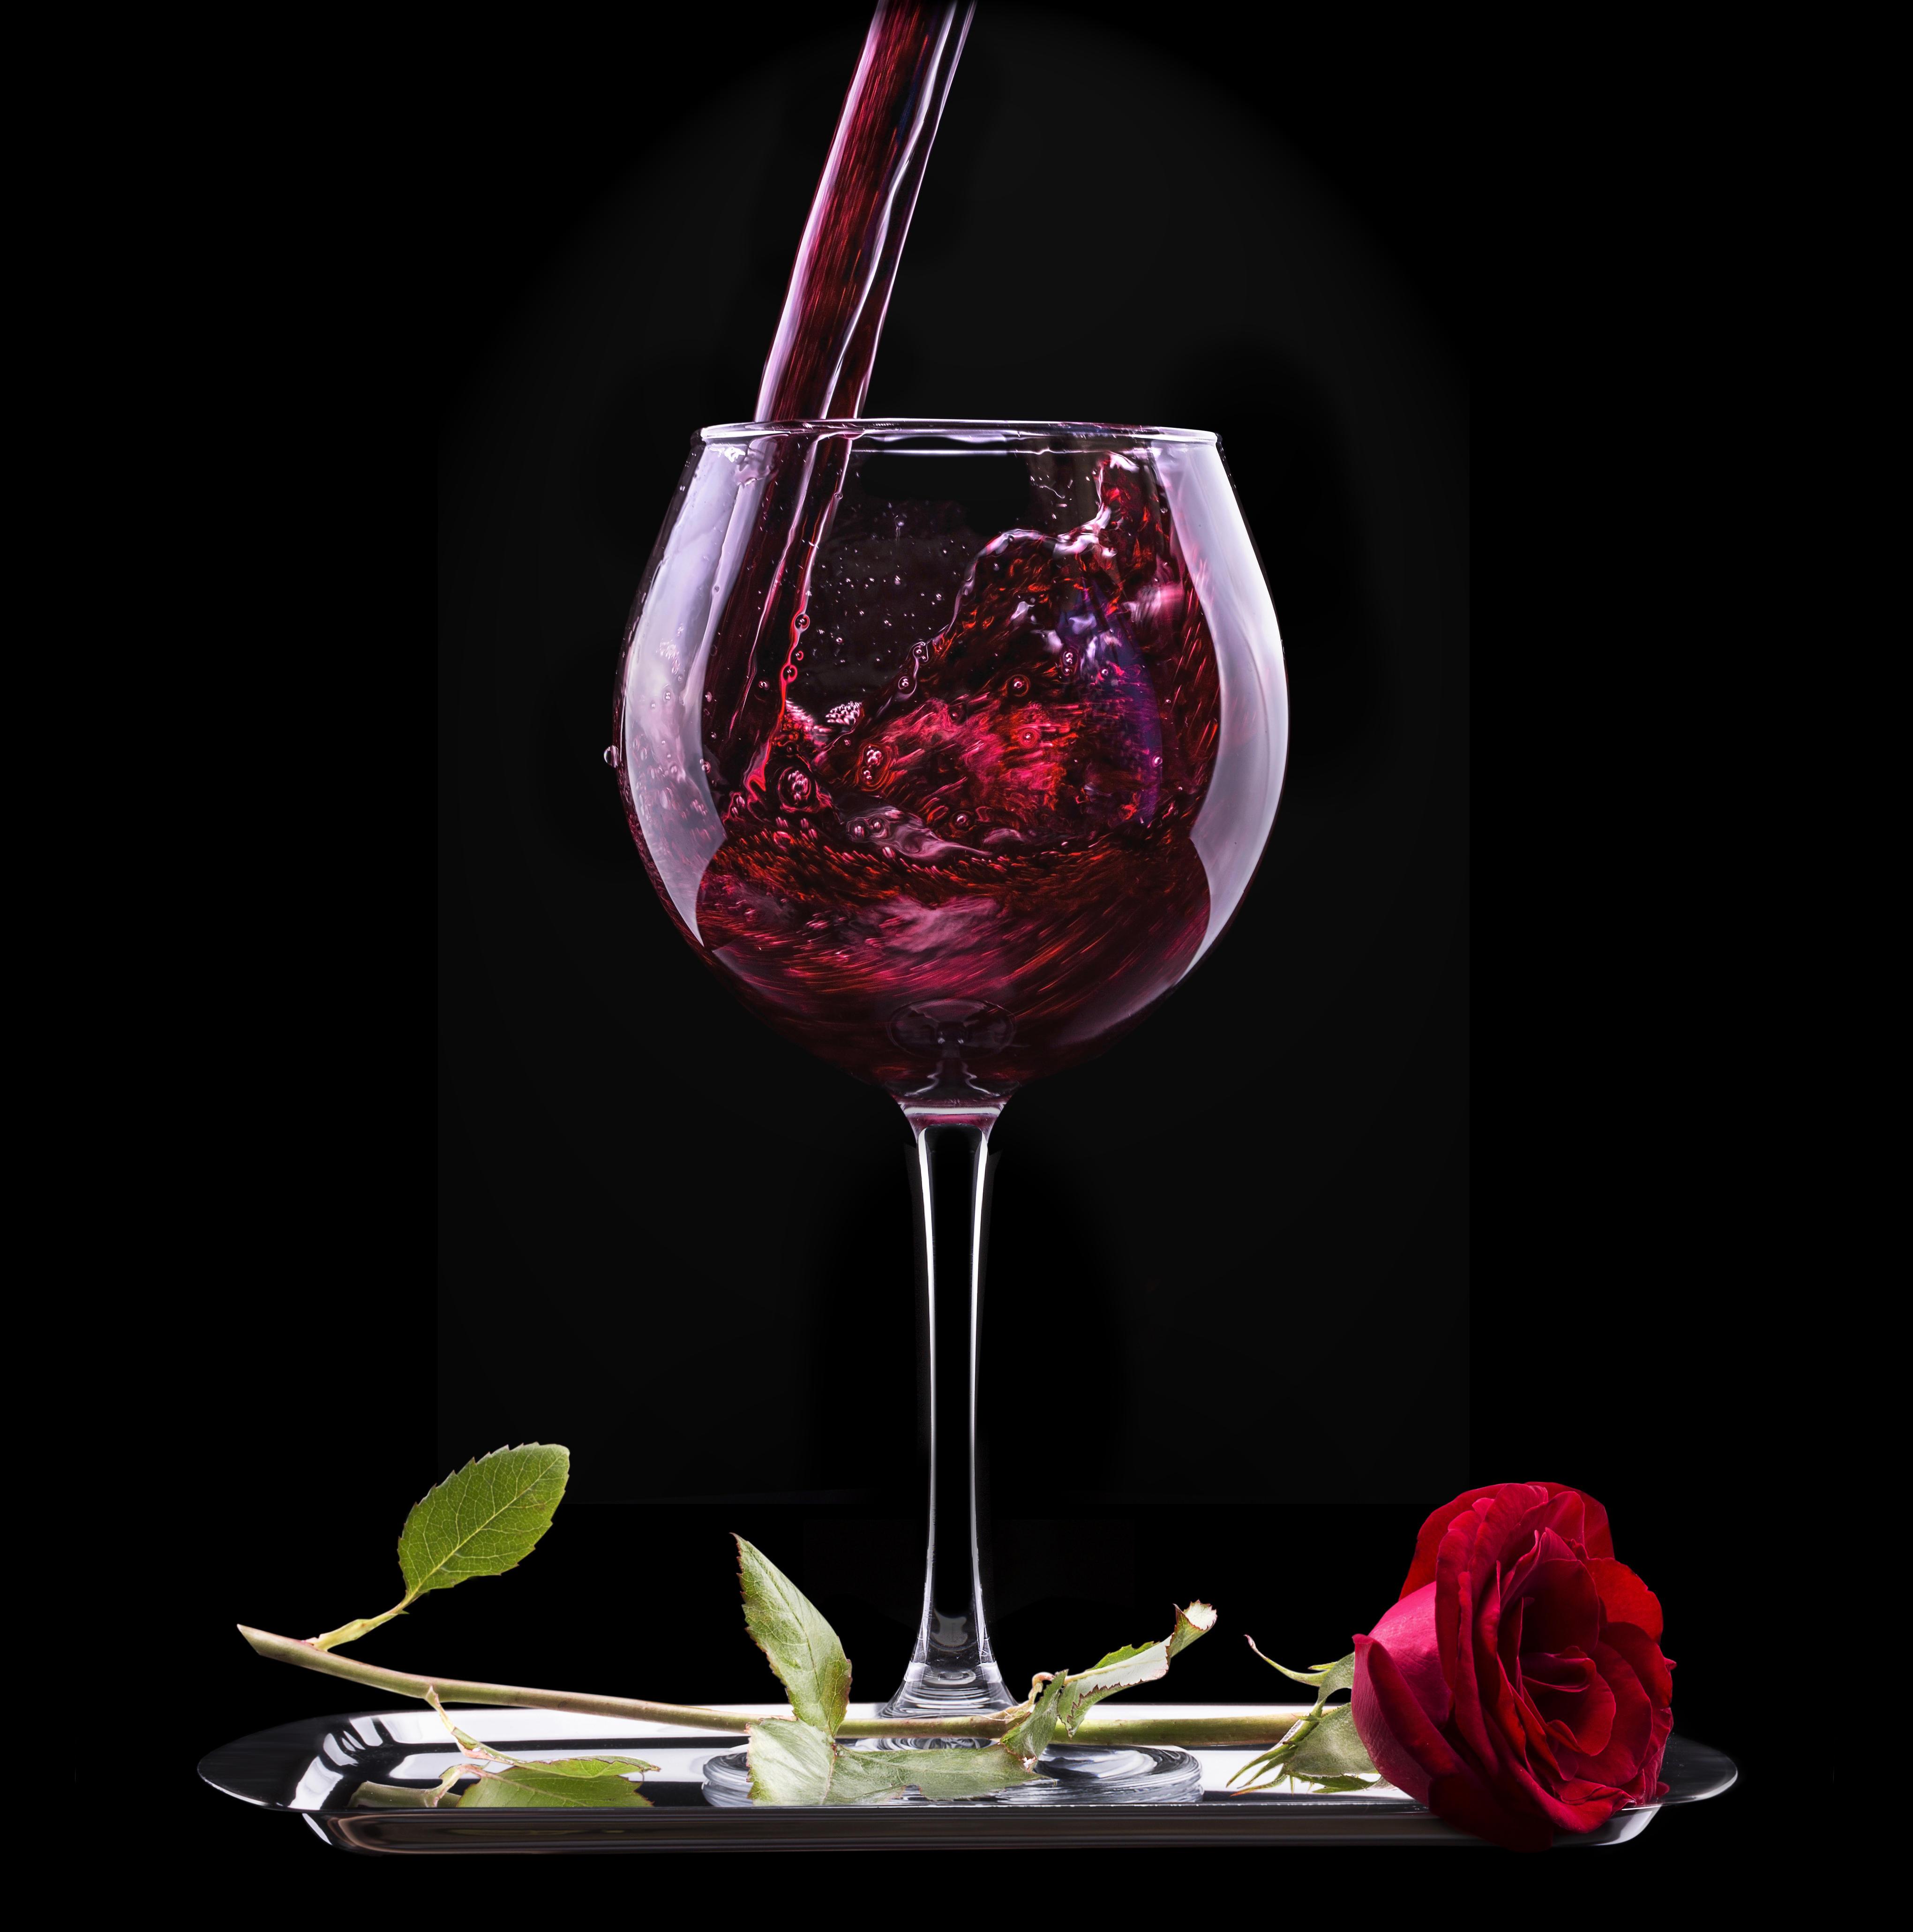 Два бокала с розами  № 750333 загрузить